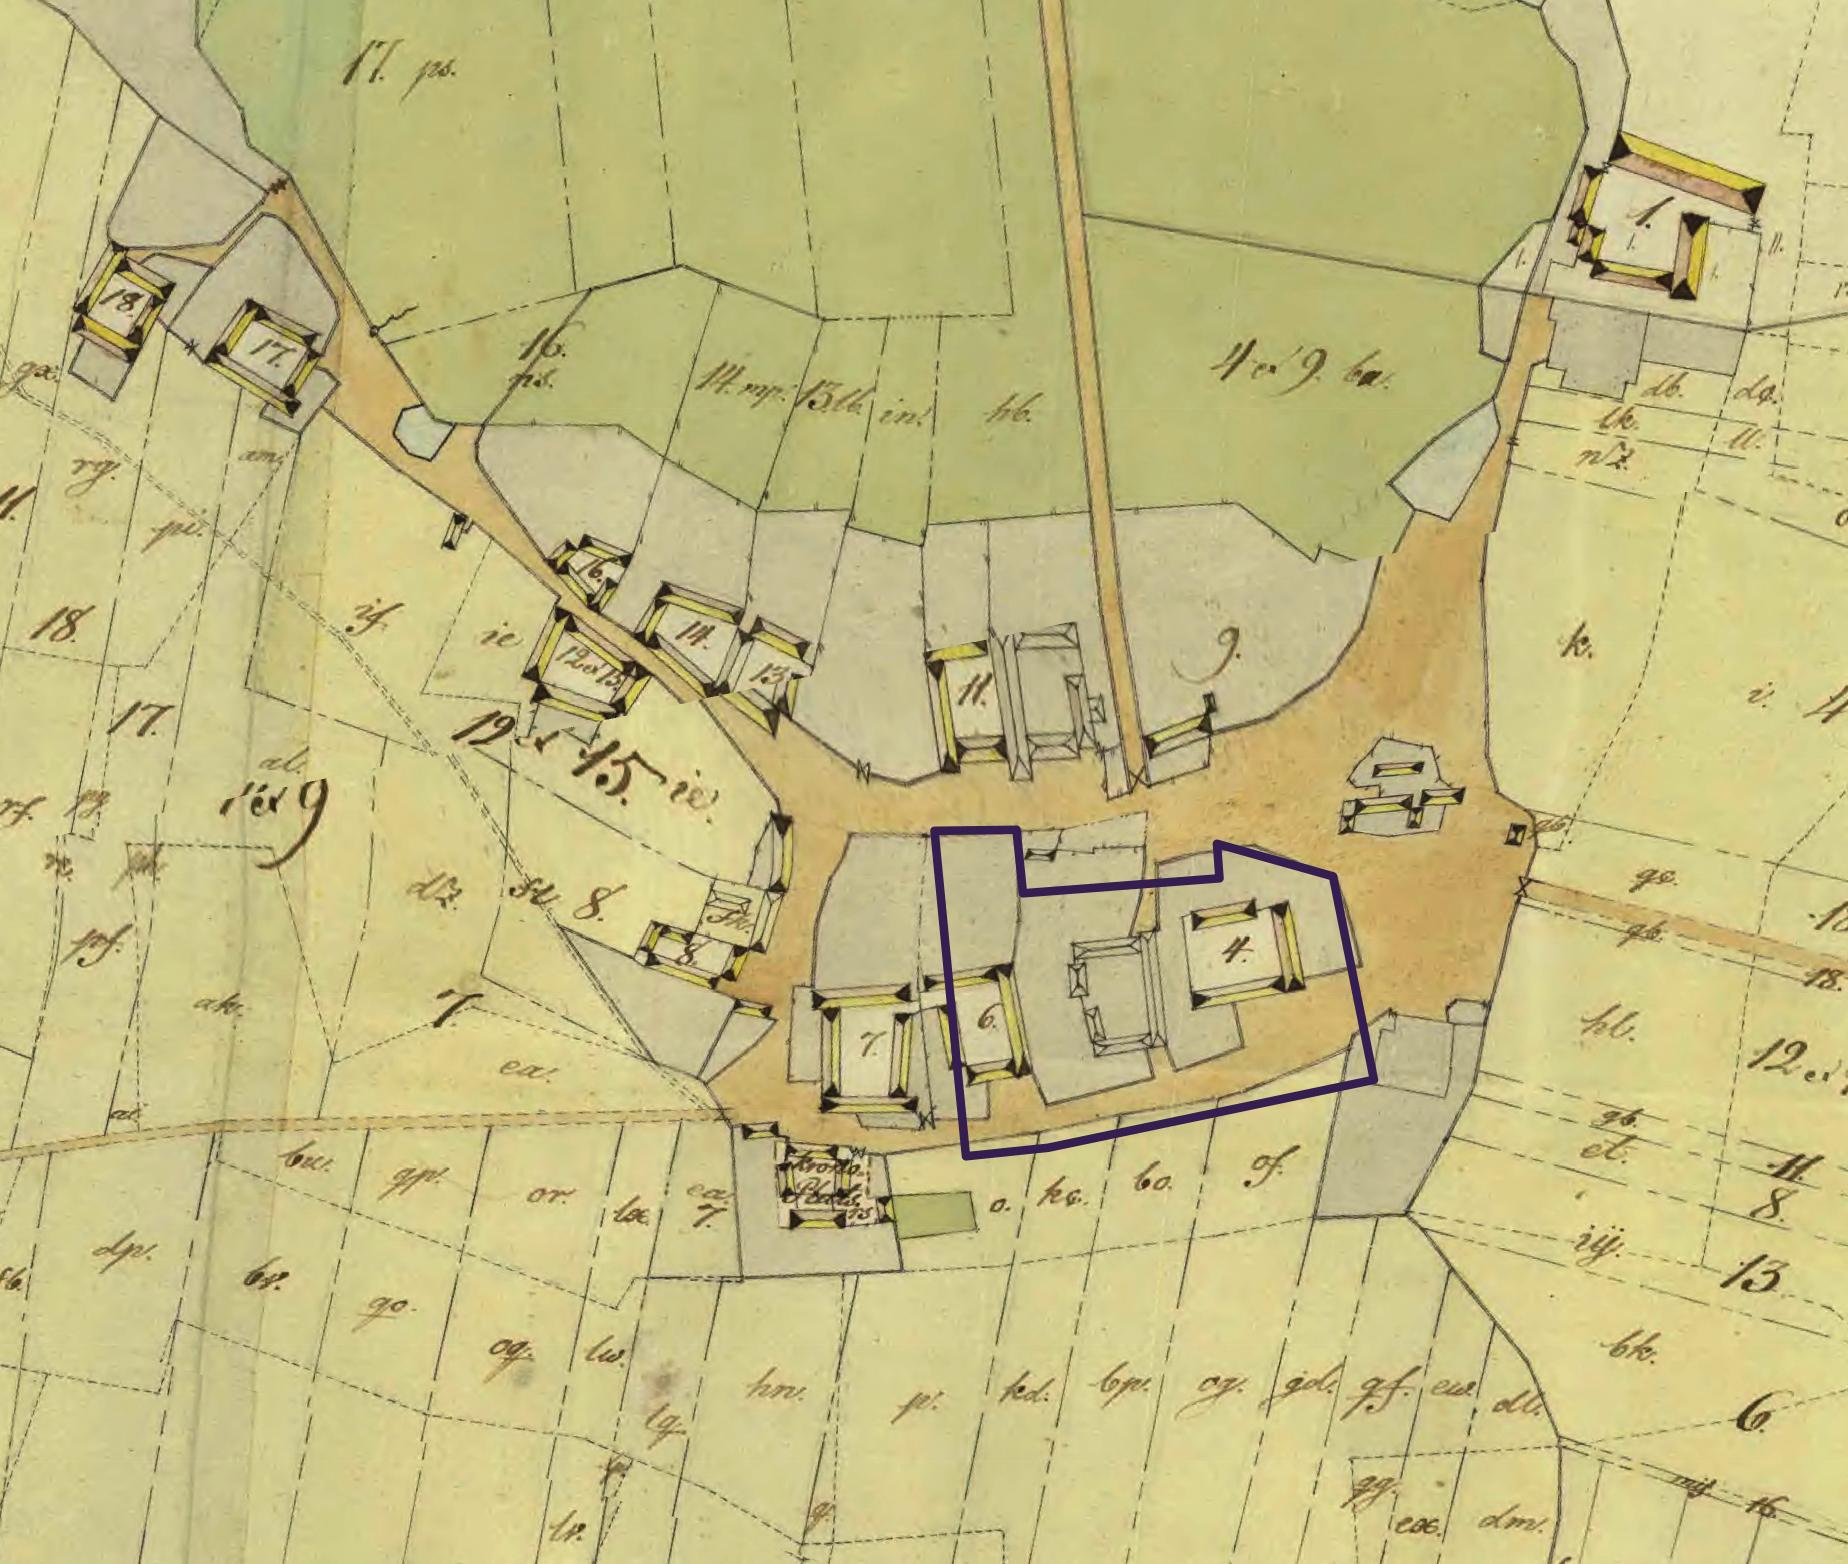 Öllsjö gårdar. Karta från 1803.